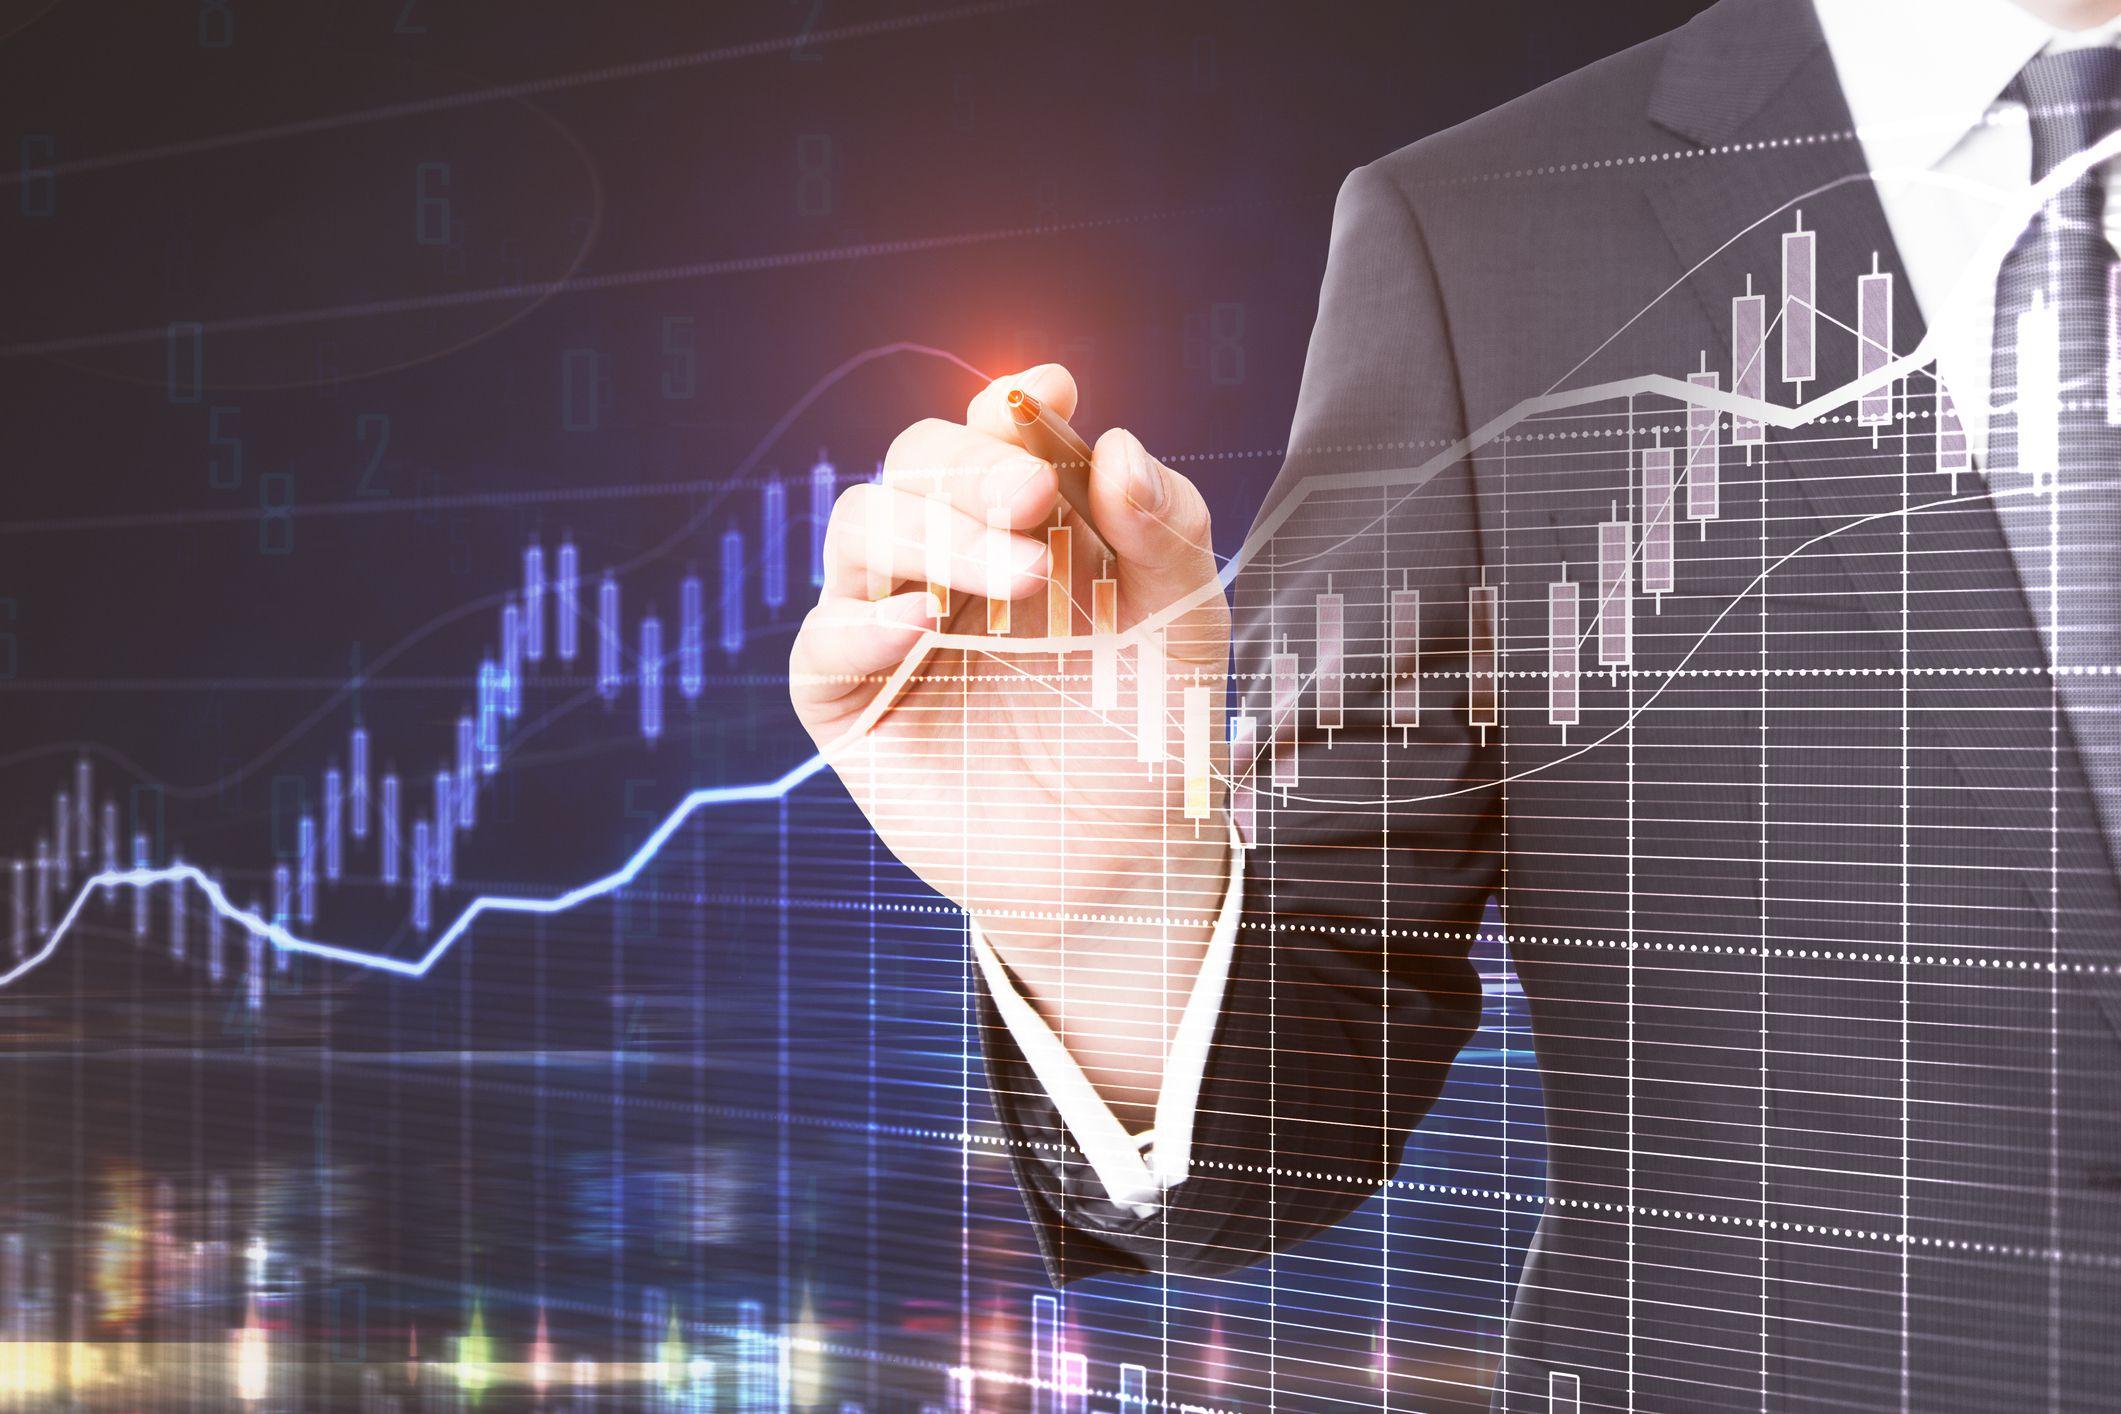 Bank forex gain loss tax deductible iras